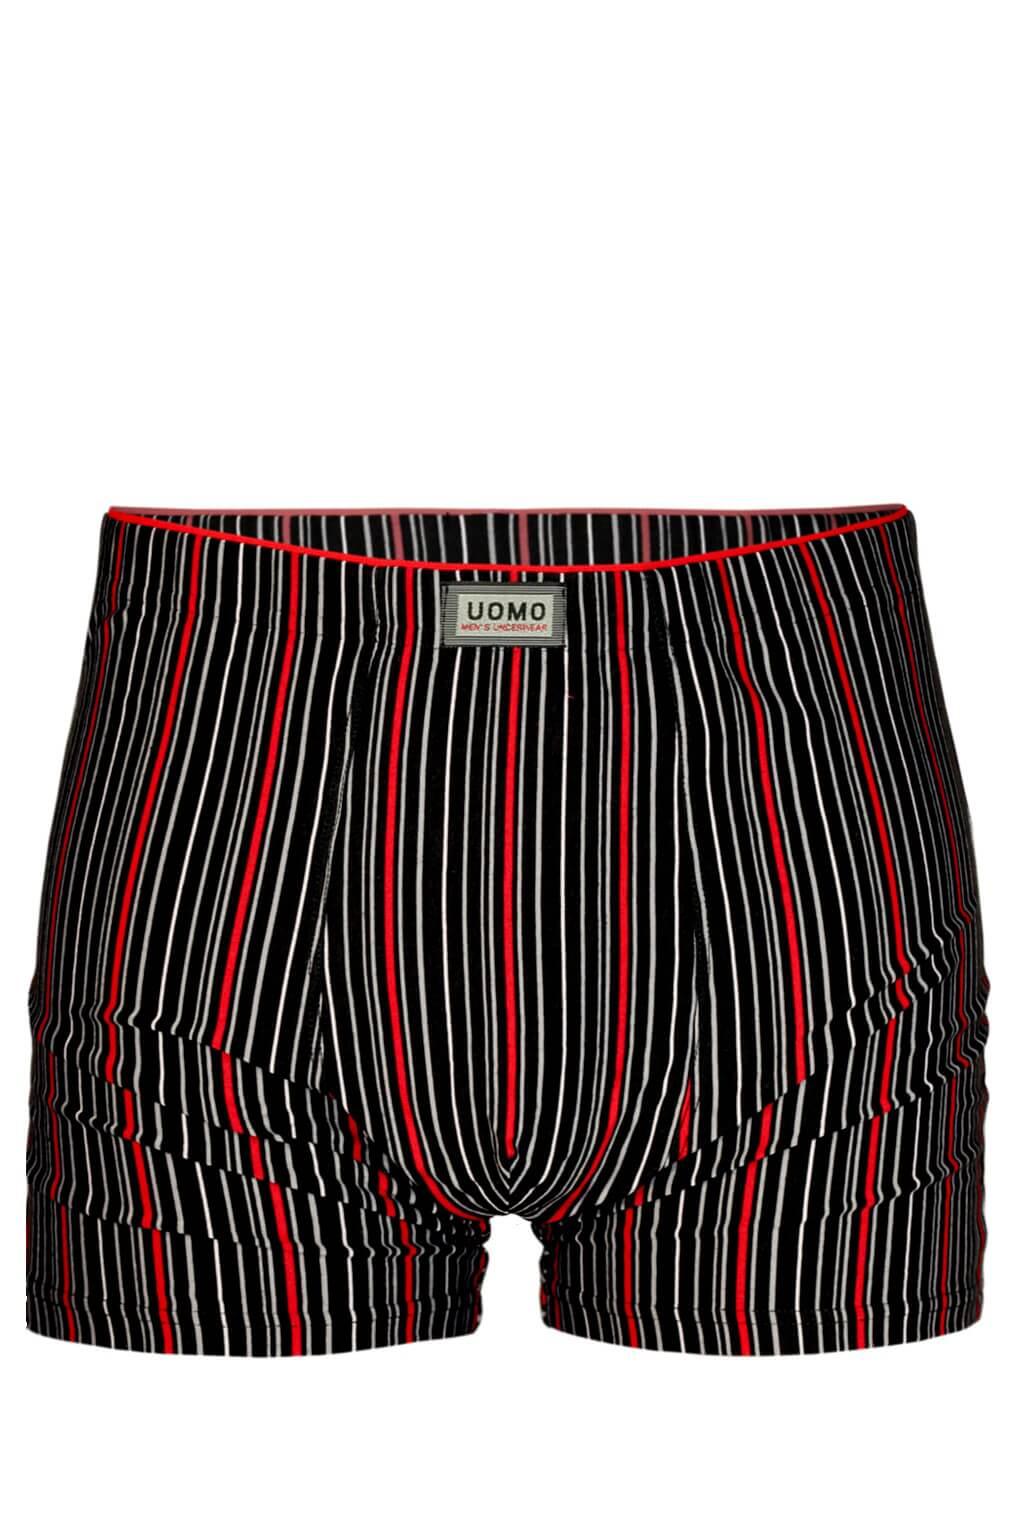 Keobab pánské boxerky XL černá